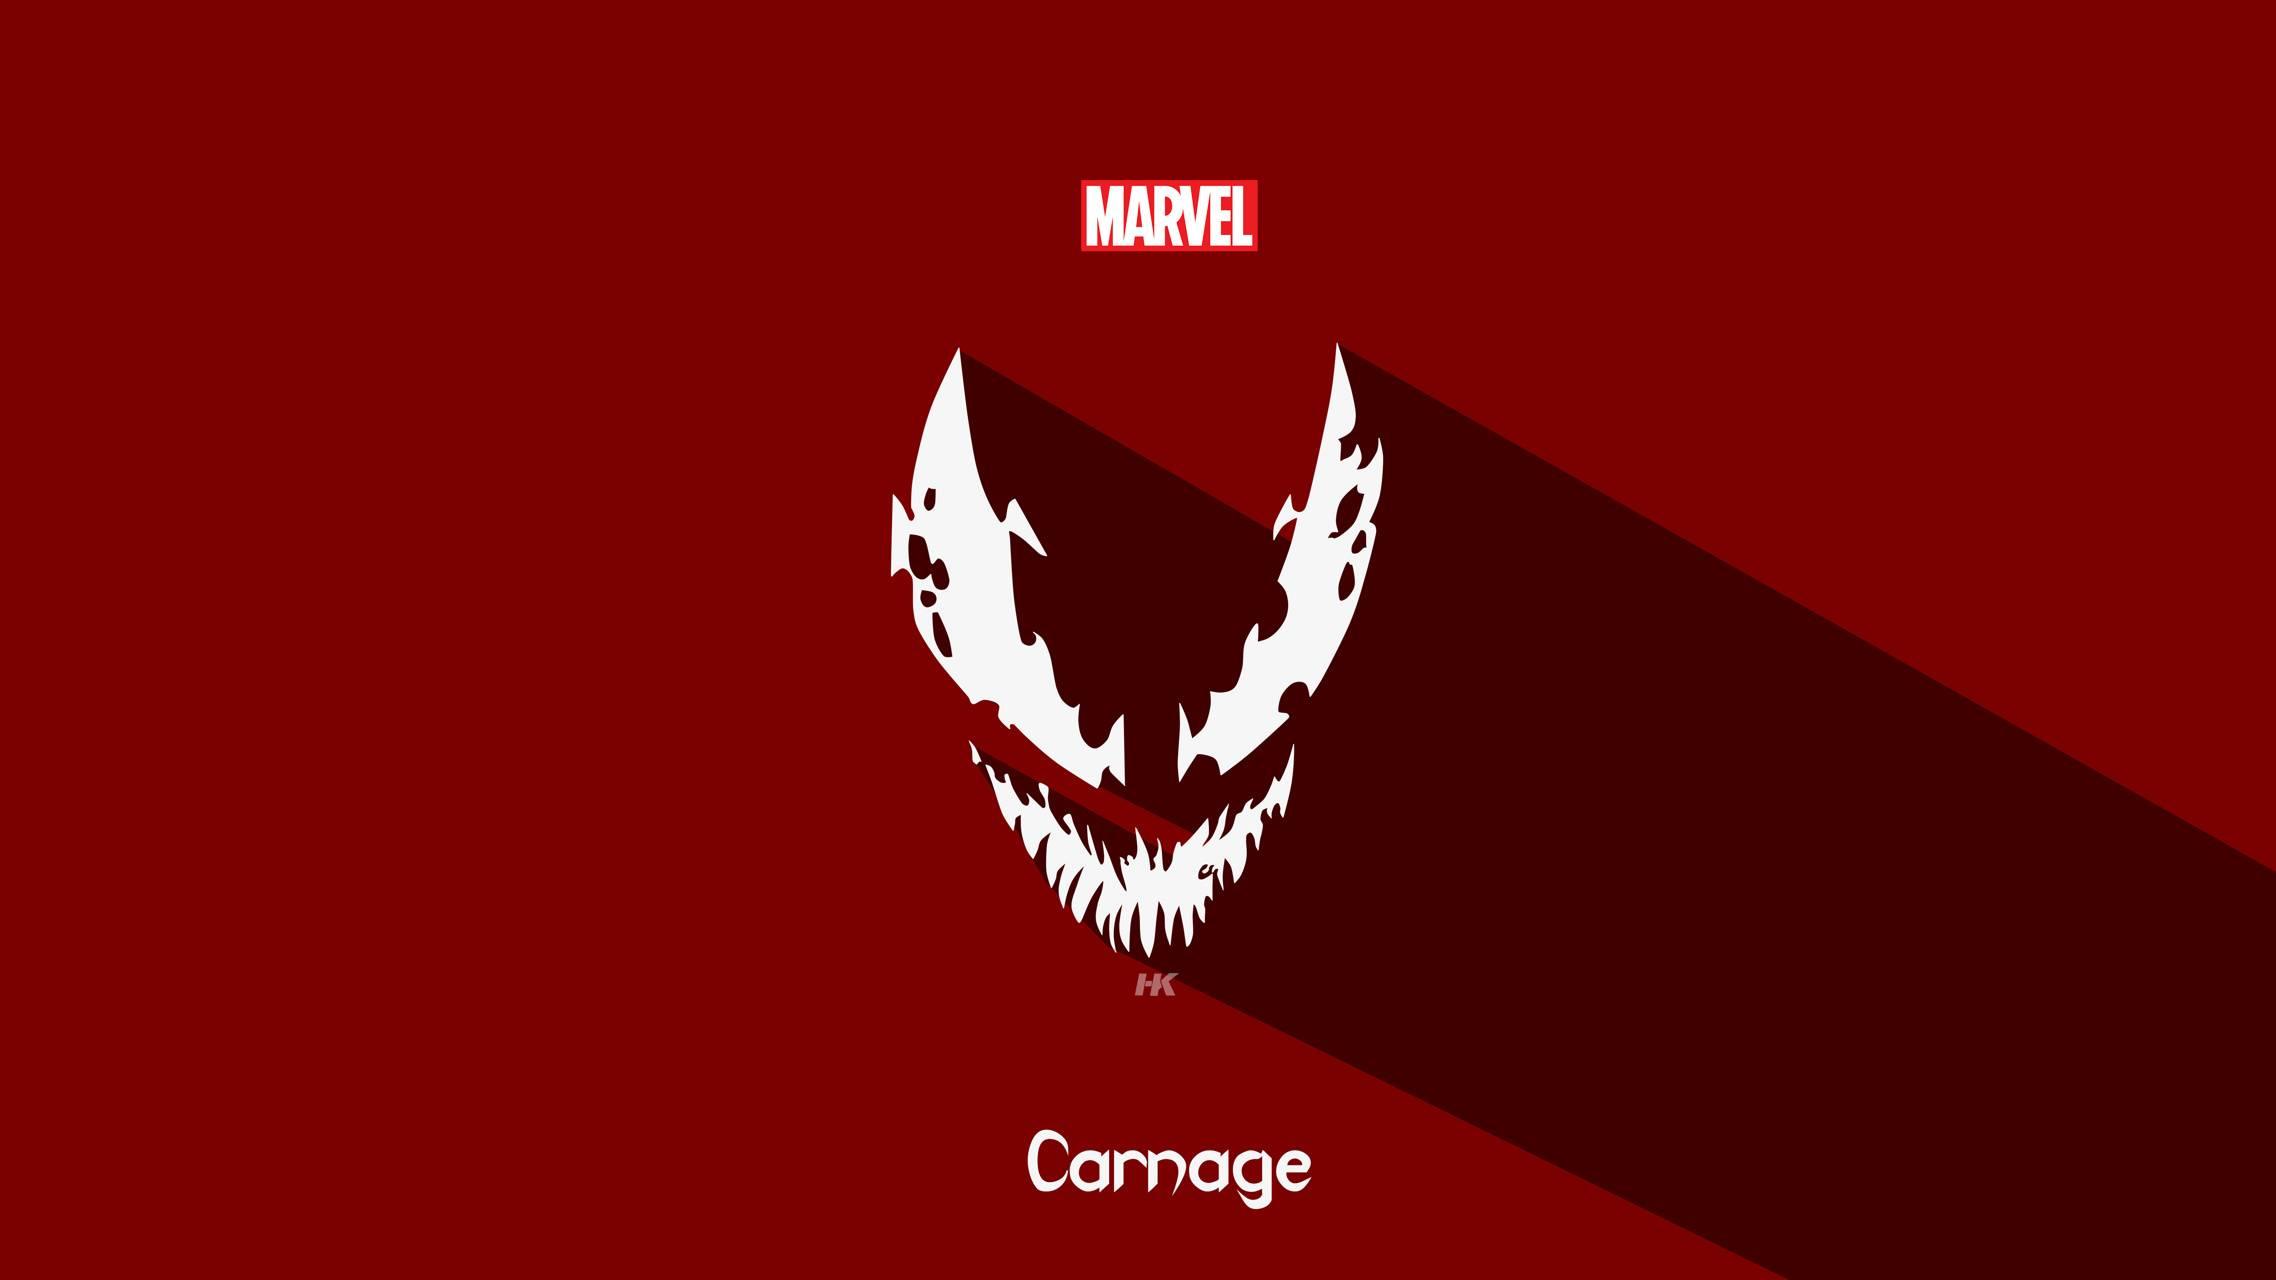 Marvel Carnage wallpaper by HKartworks.